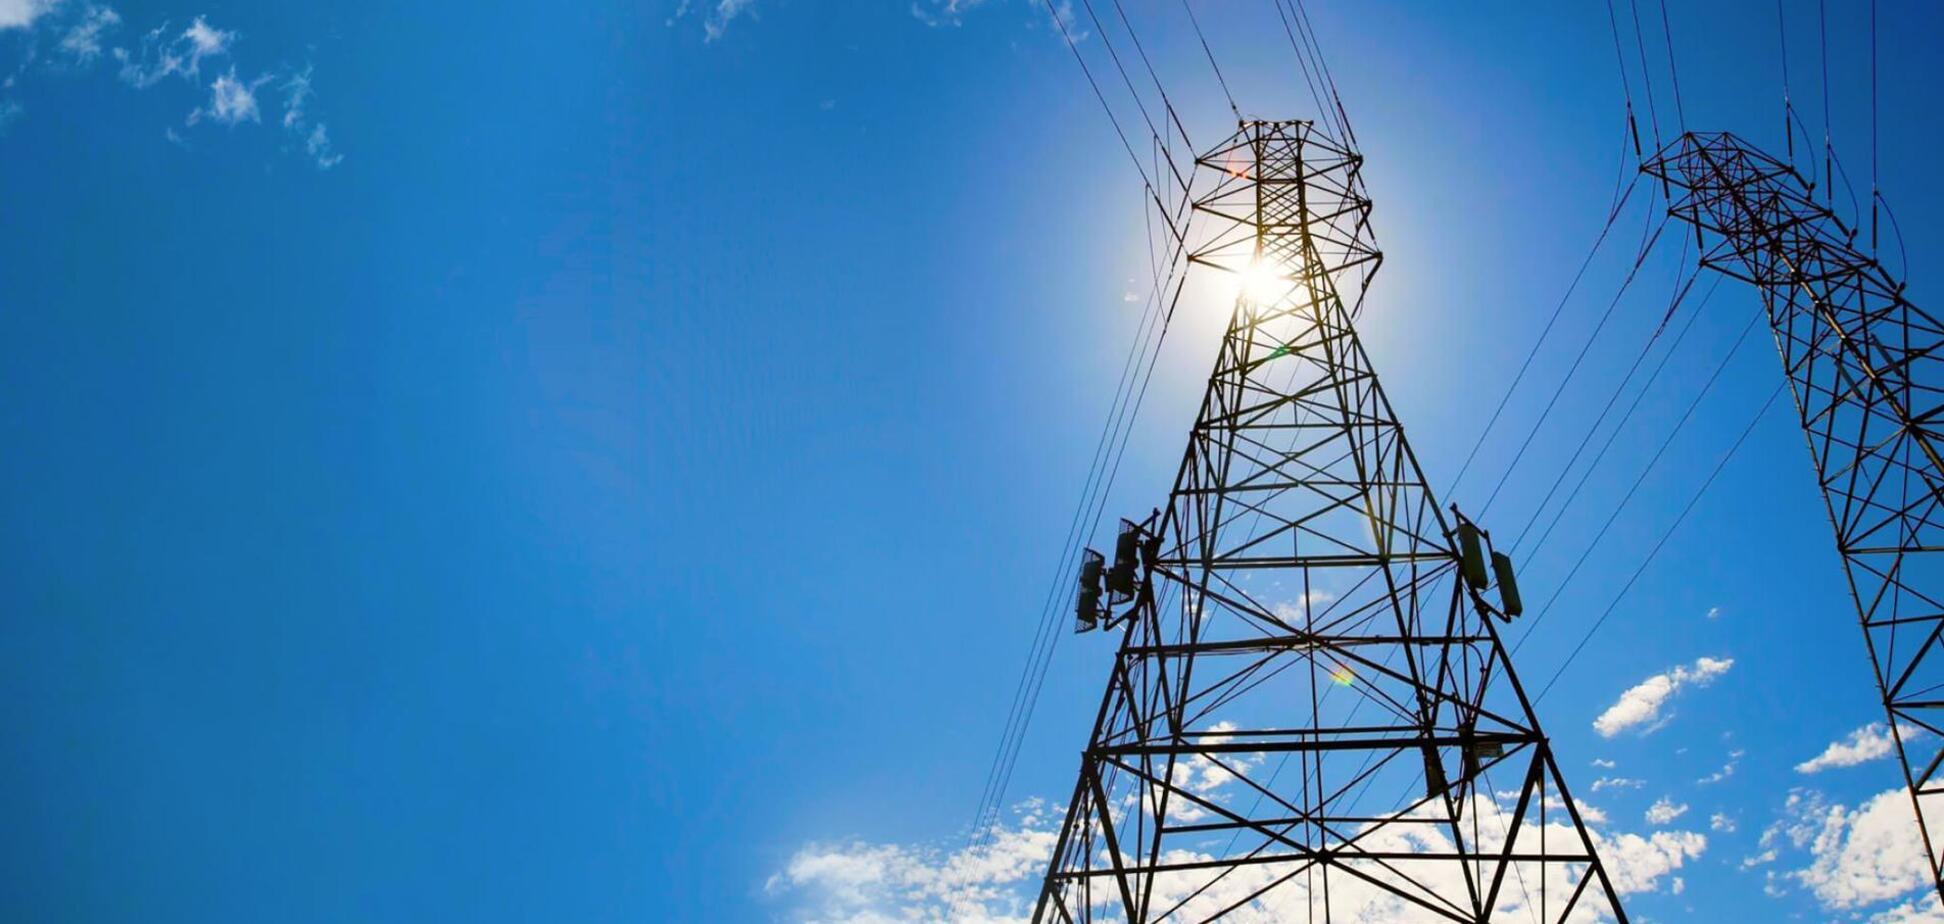 Україну 'відріжуть' від спільної електромережі з Білоруссю та Росією: Кулеба назвав термін